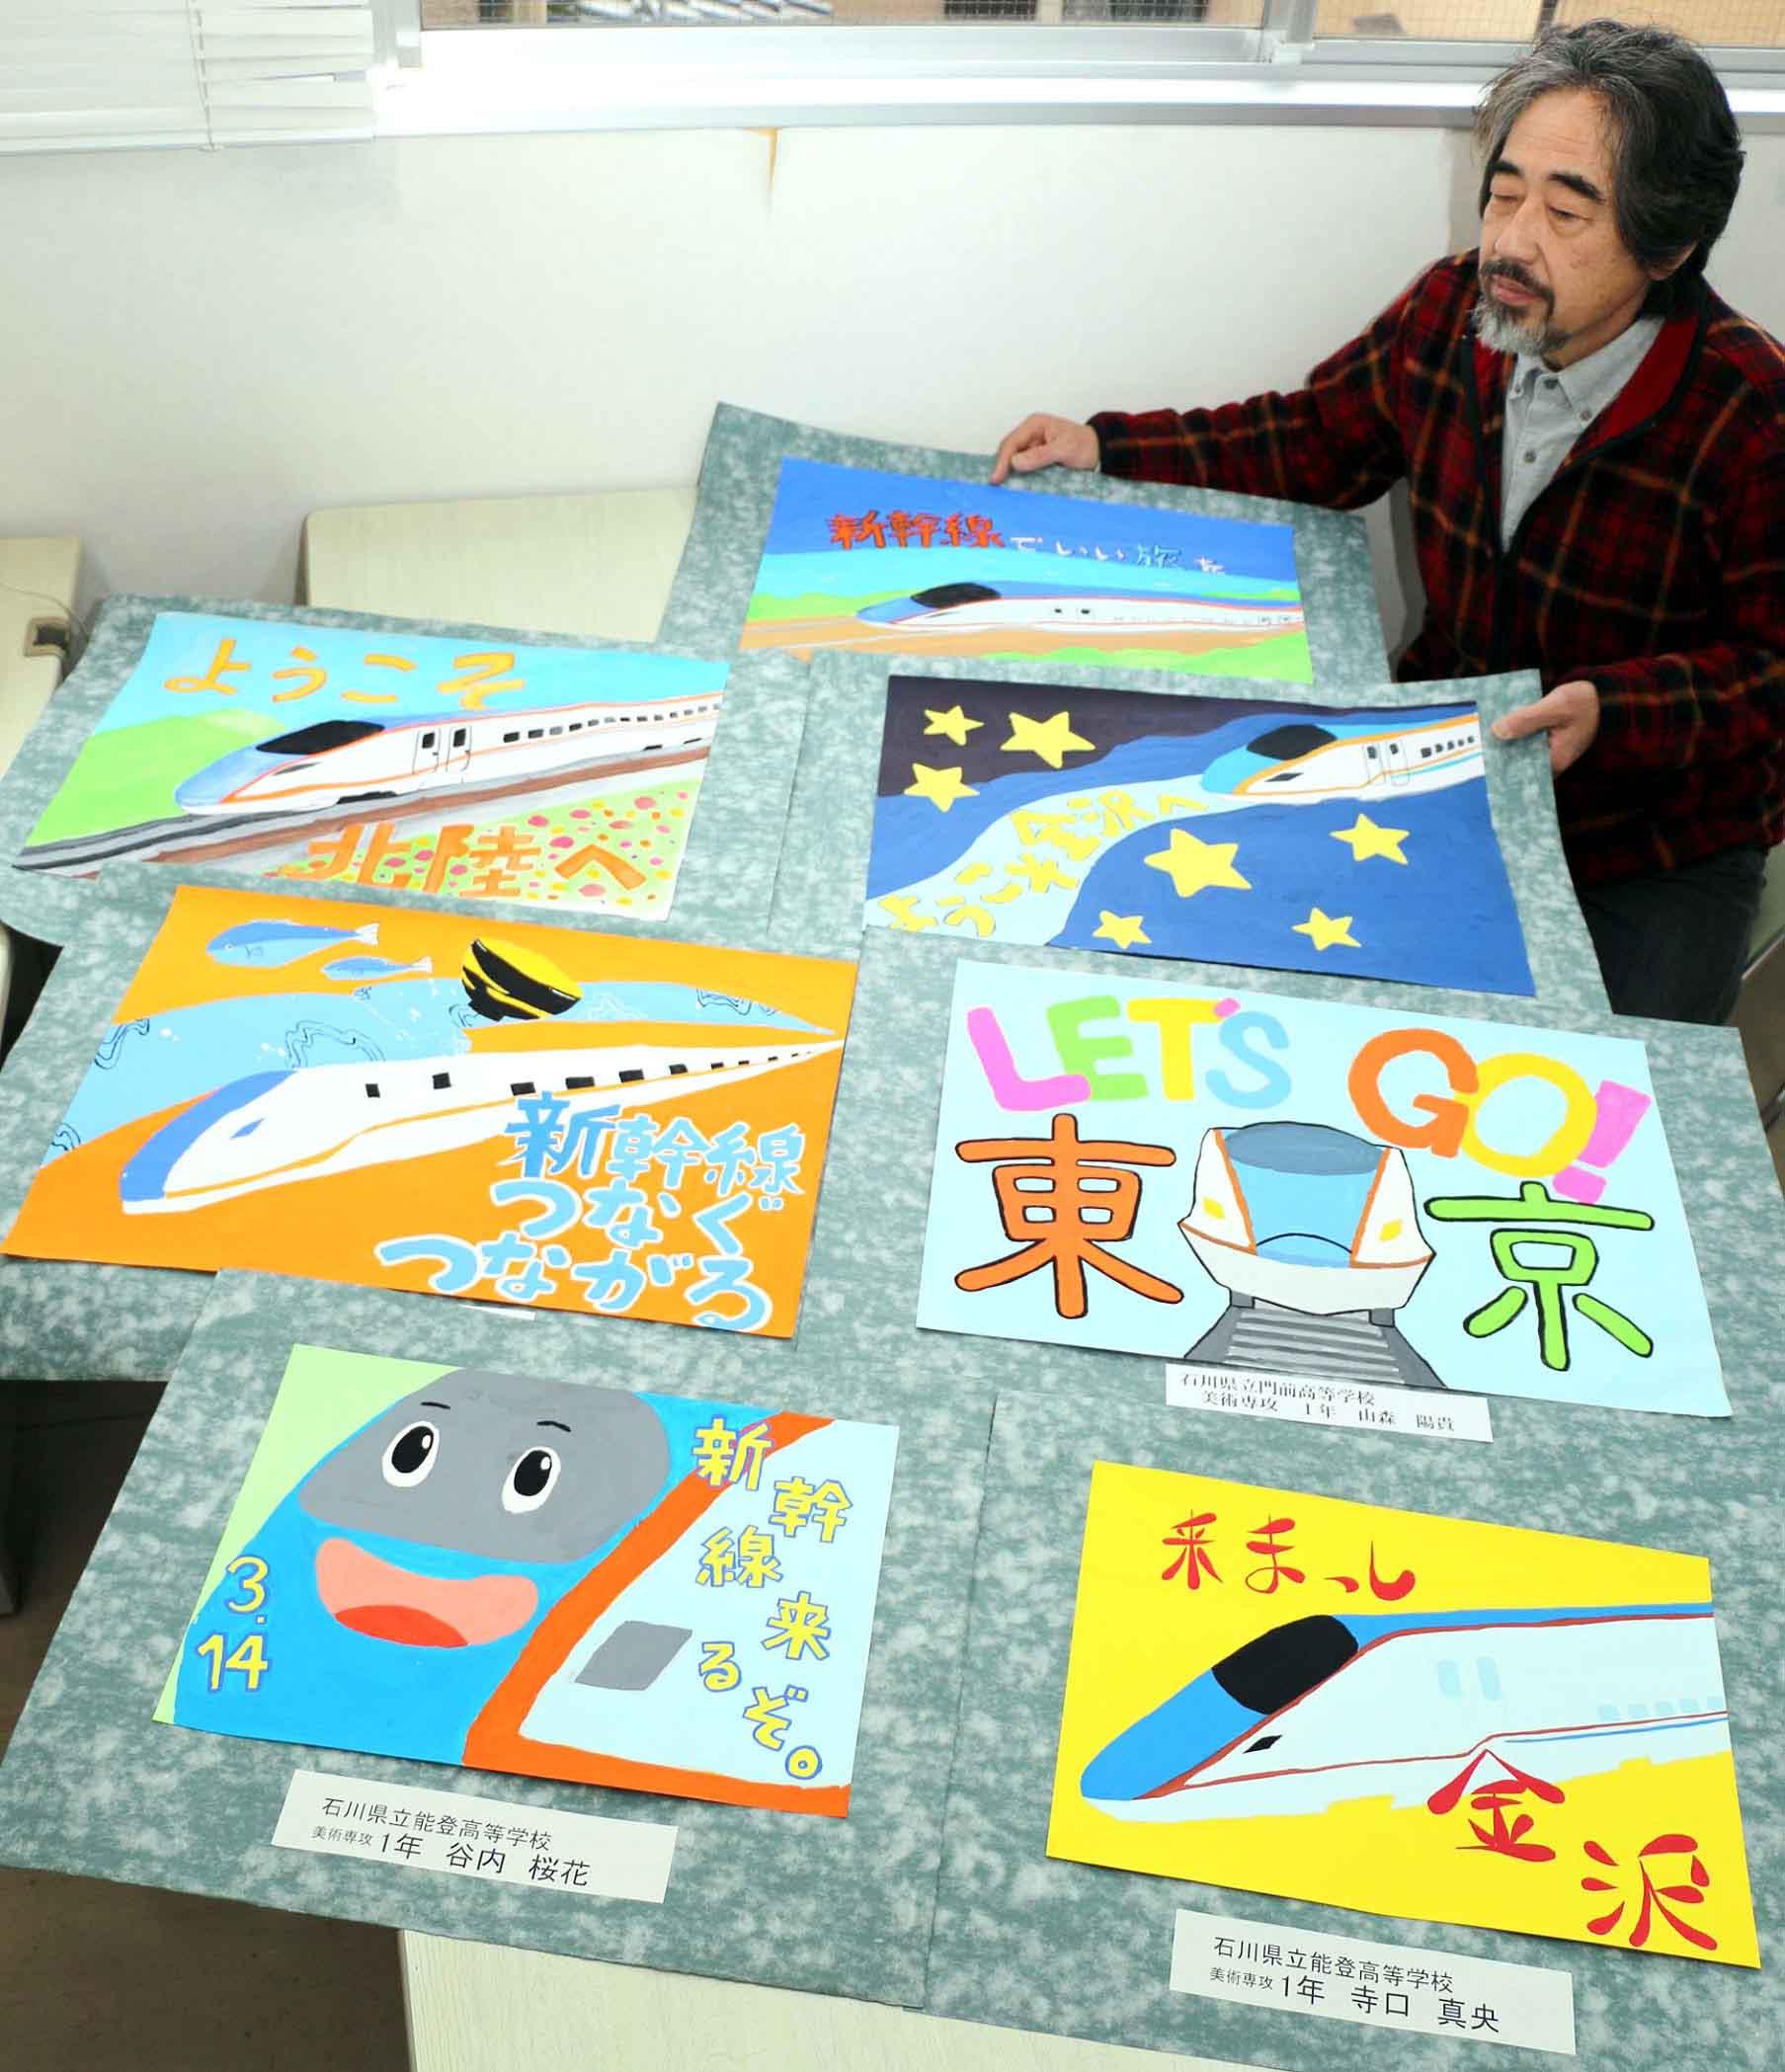 高校生が描いた北陸新幹線の絵=輪島市内